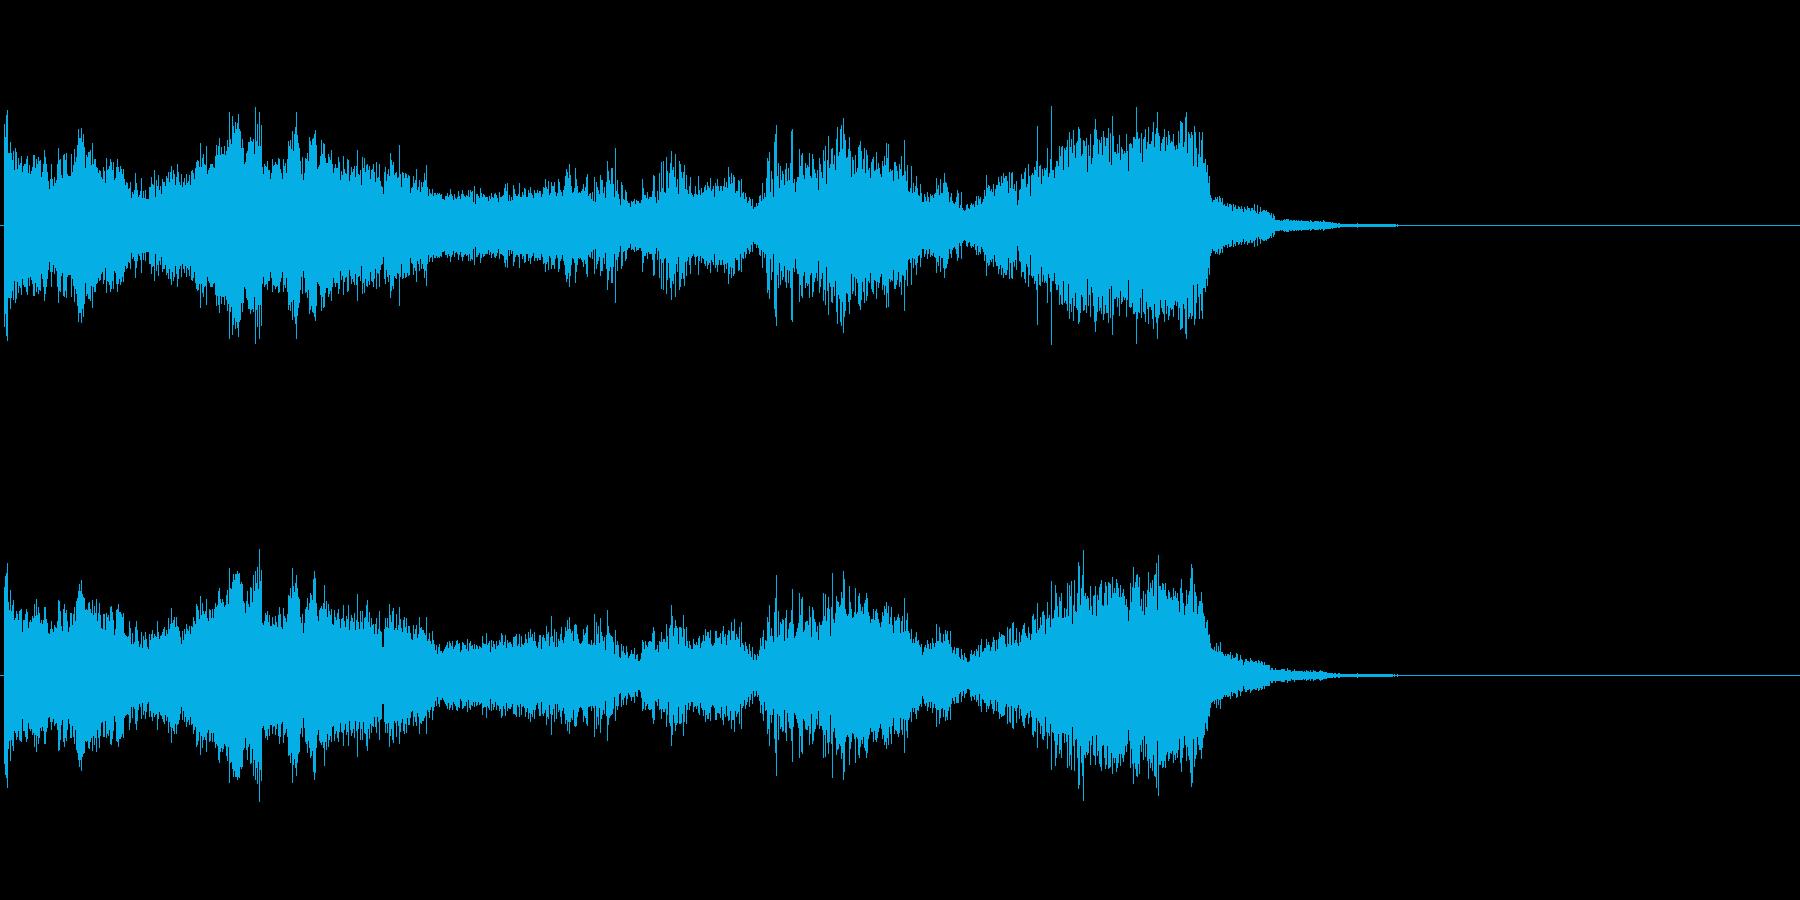 グリッチノイズ。次元の激しい歪みが生じるの再生済みの波形